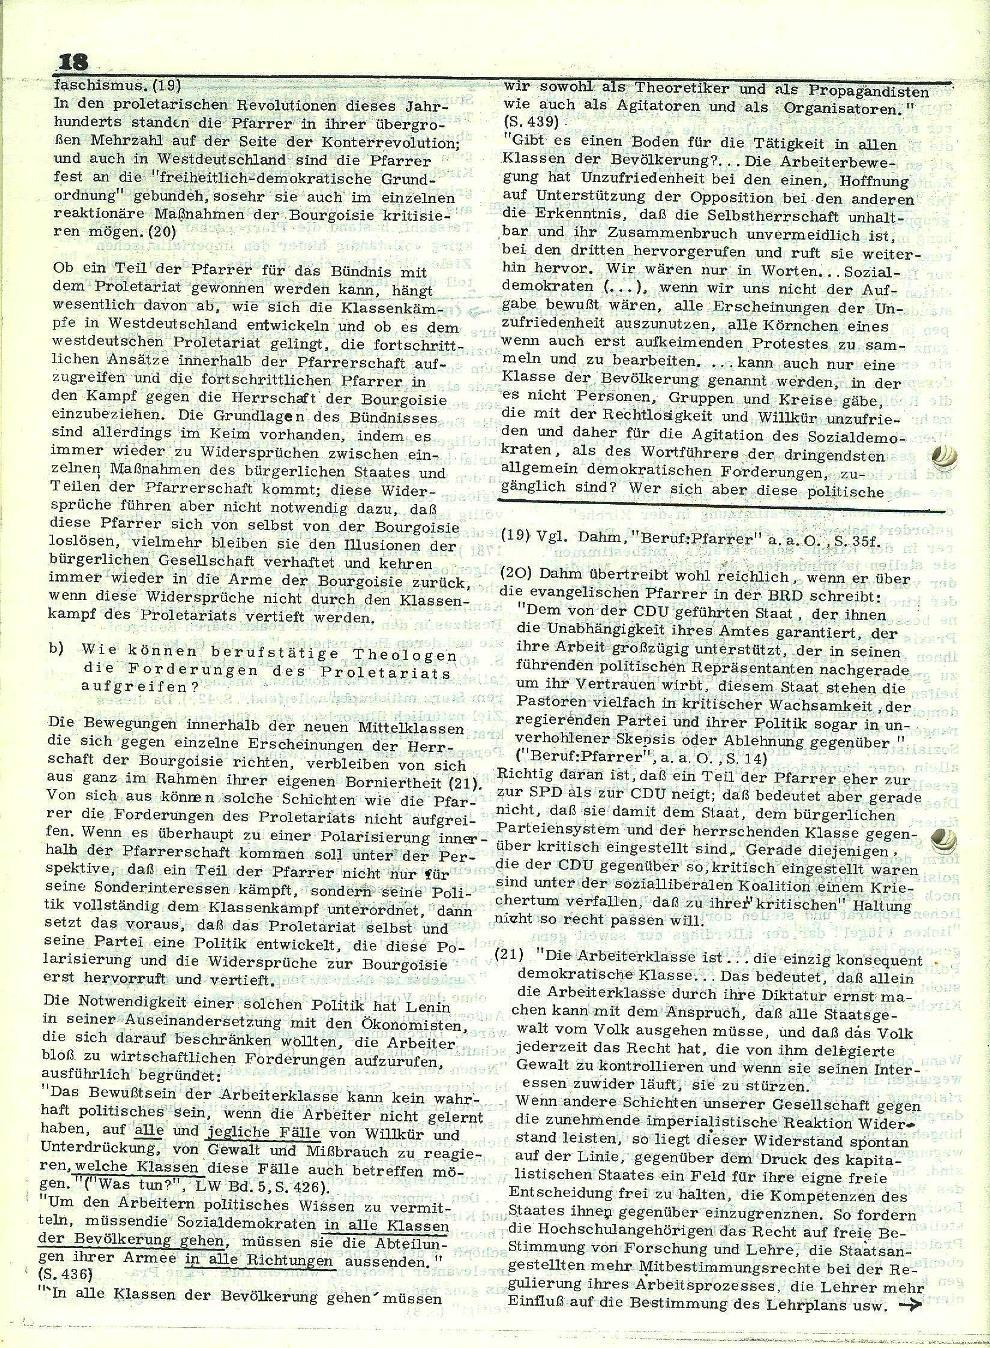 Heidelberg_Theologie_1973_03_18